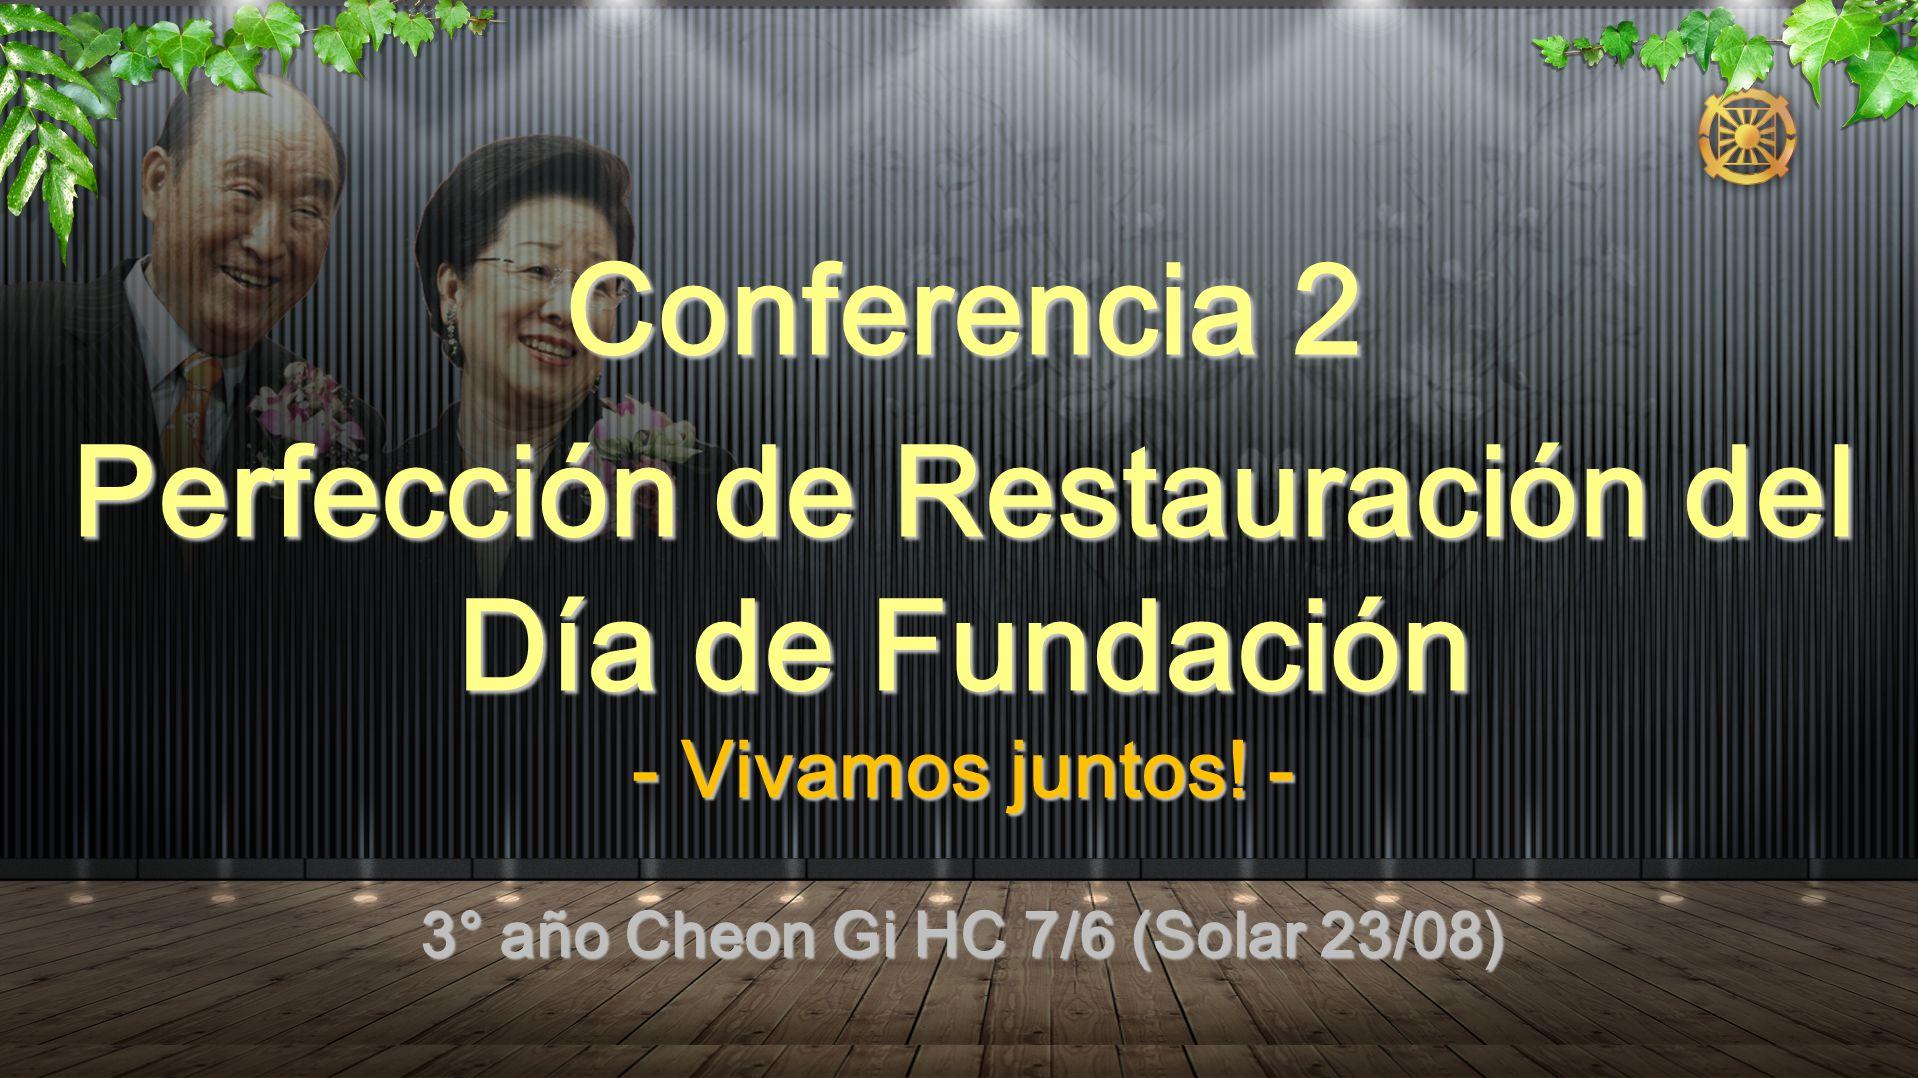 3° año Cheon Gi HC 7/6 (Solar 23/08) Conferencia 2 Perfección de Restauración del Día de Fundación - Vivamos juntos! -